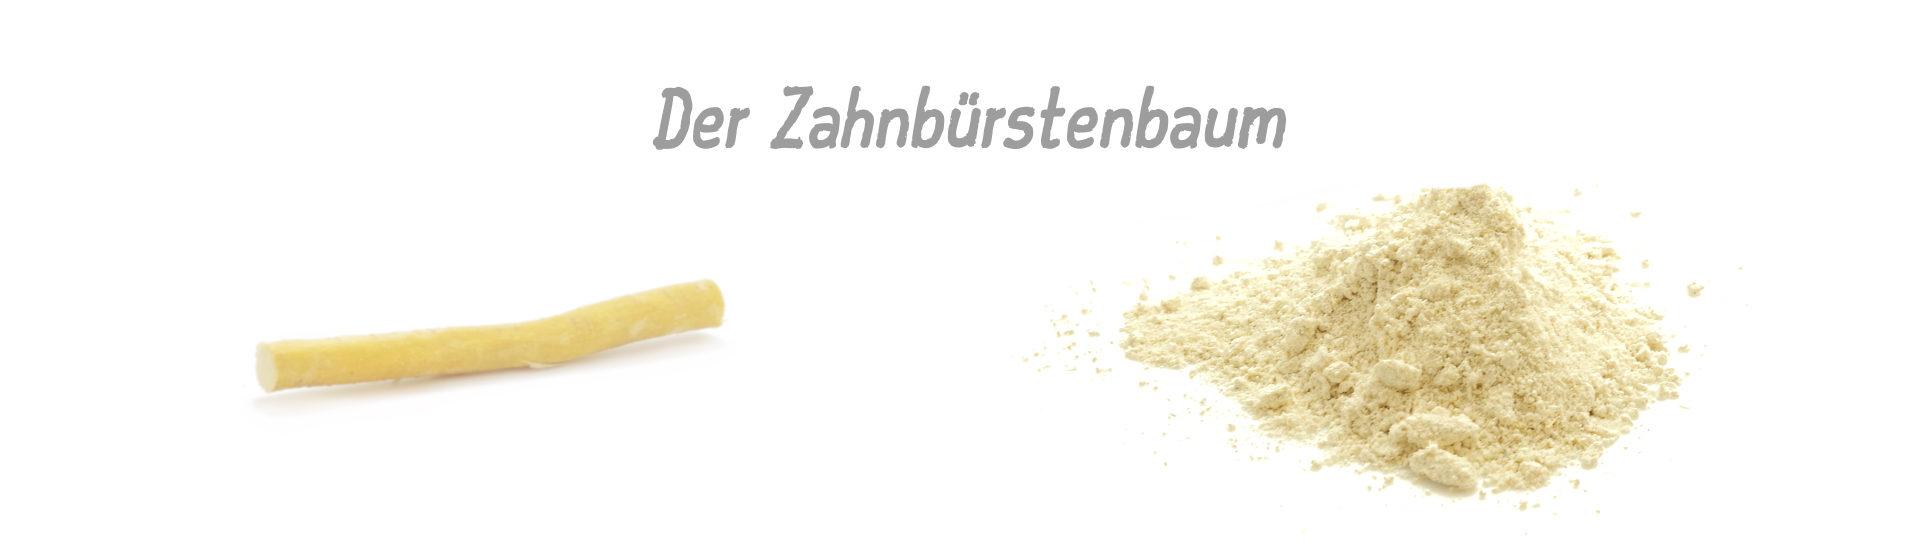 """Der """"Zahnbürstenbaum"""" - Infos zur SWAK-Zahnbürste"""